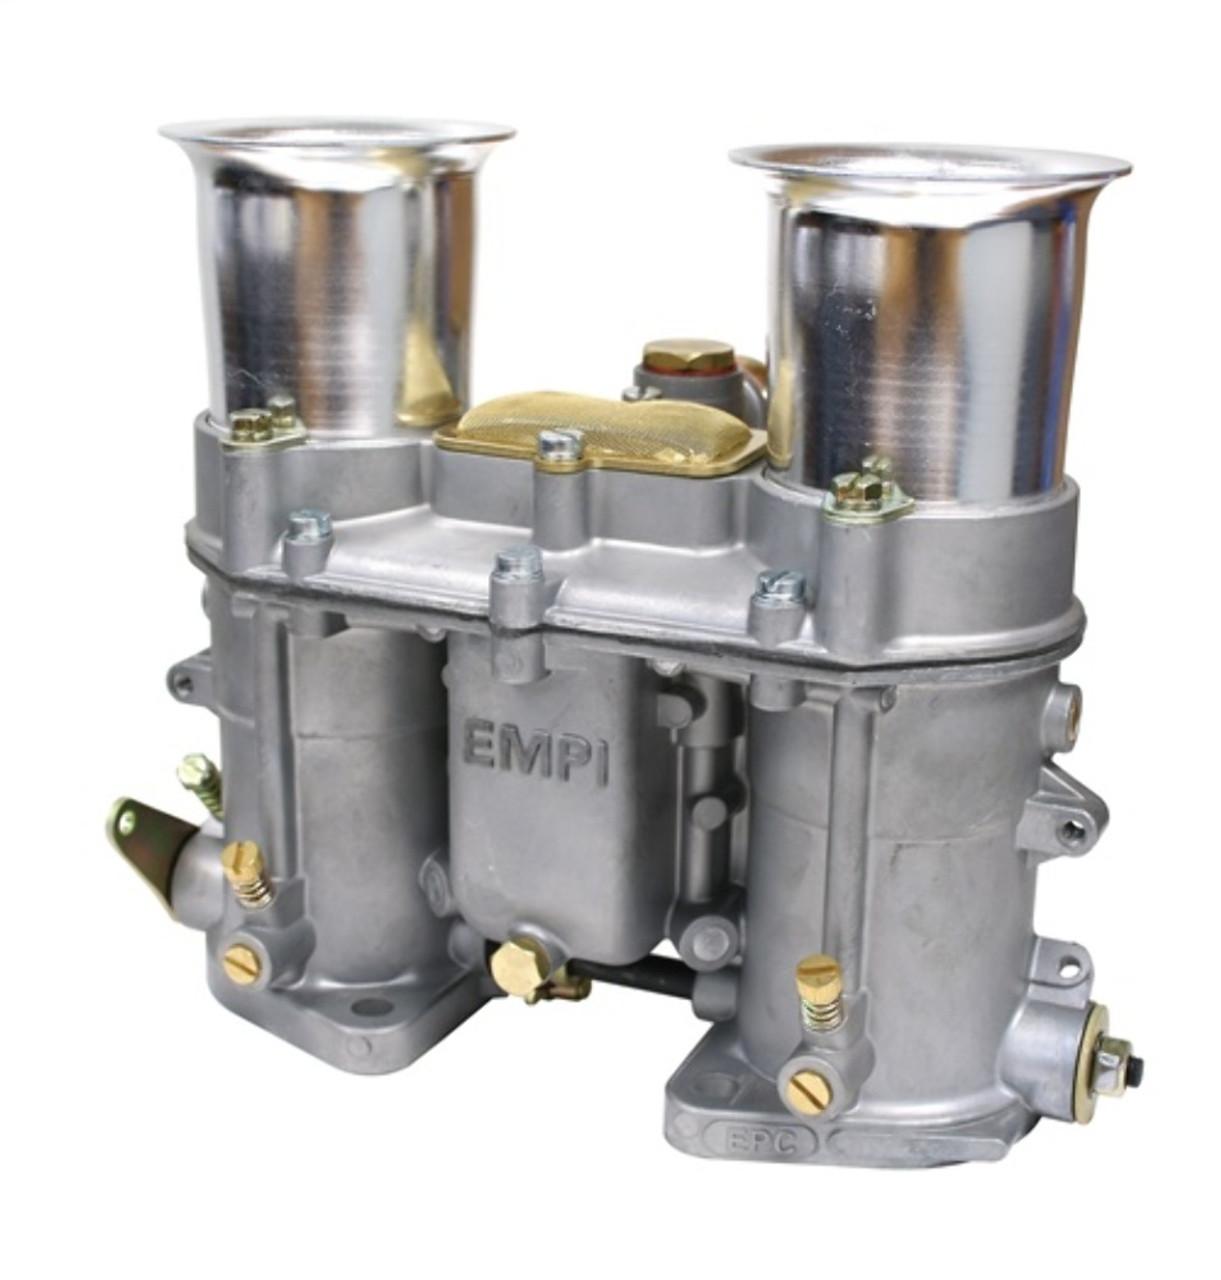 47-1048-0 EMPI EPC-48 CARB W/STACKS